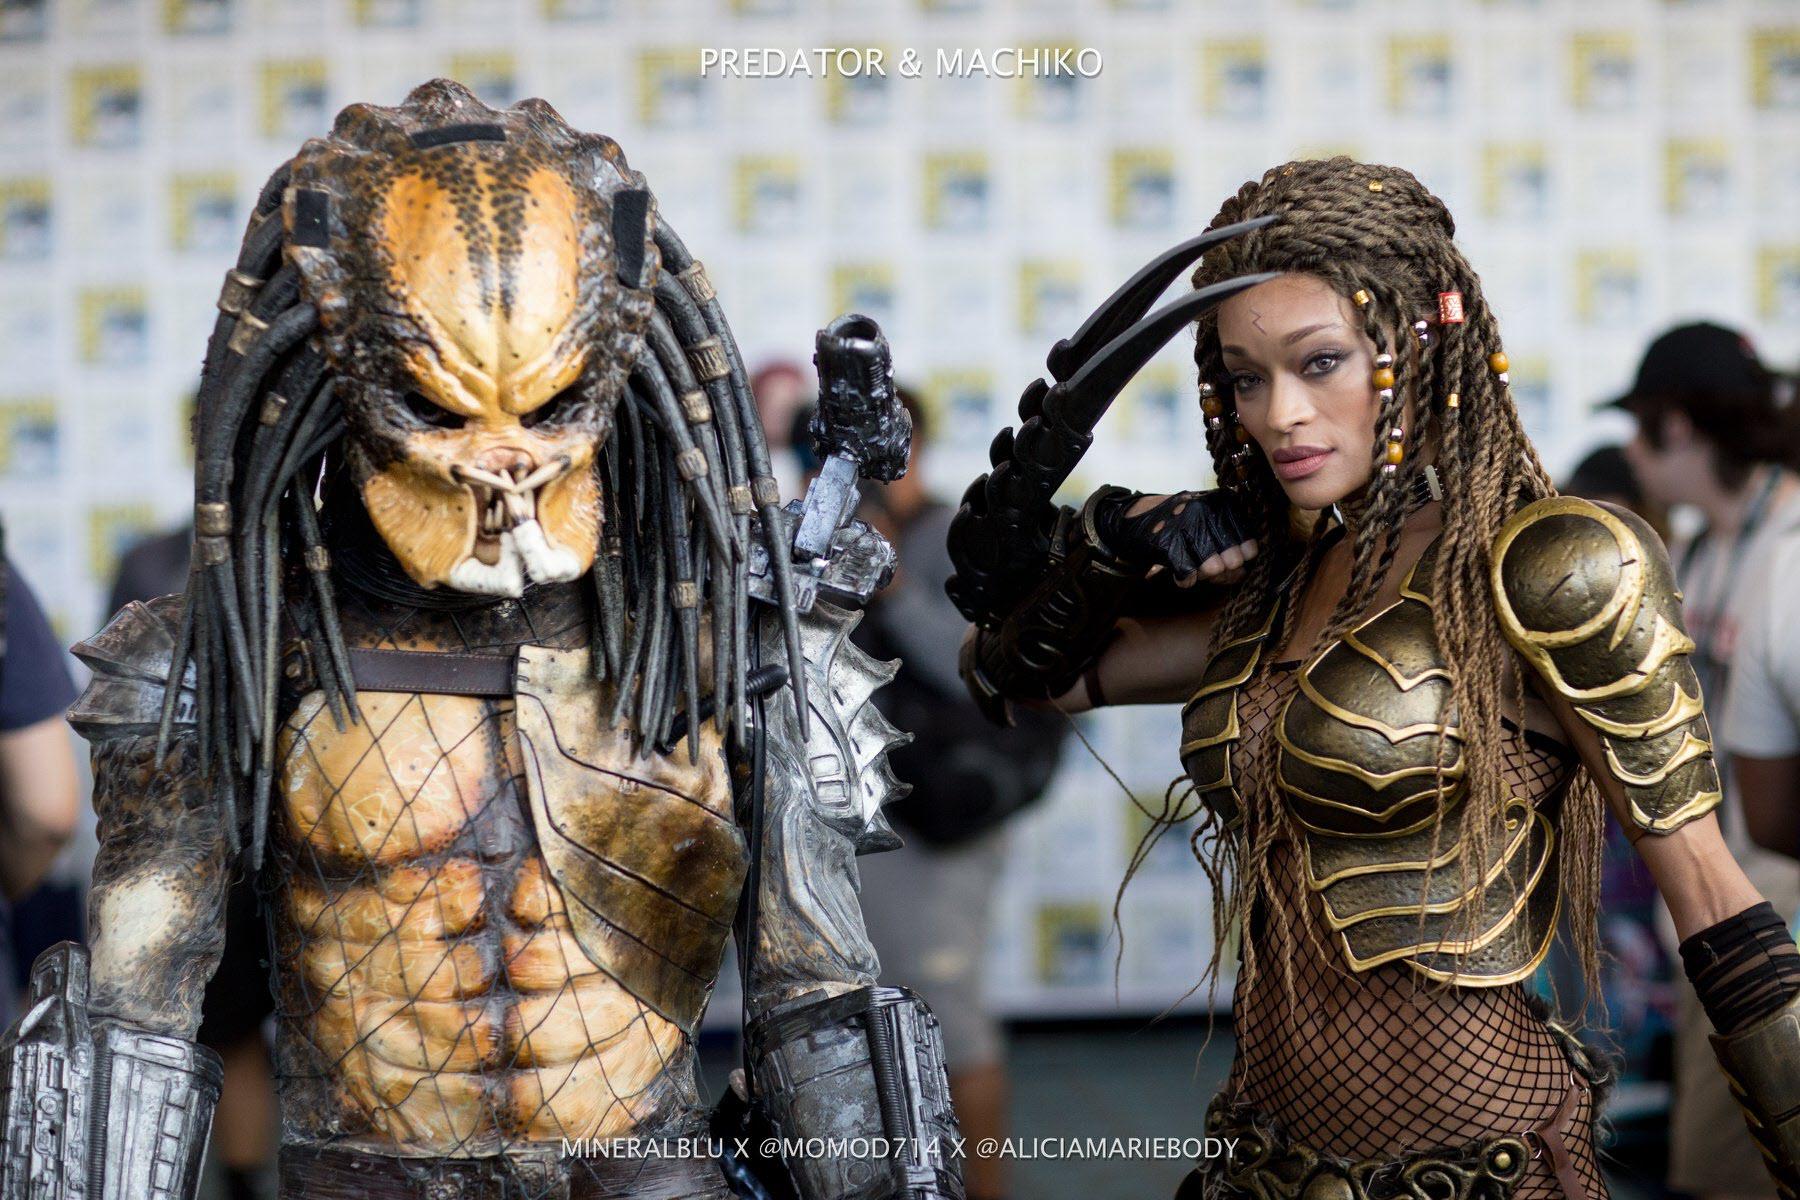 Predator and Machiko